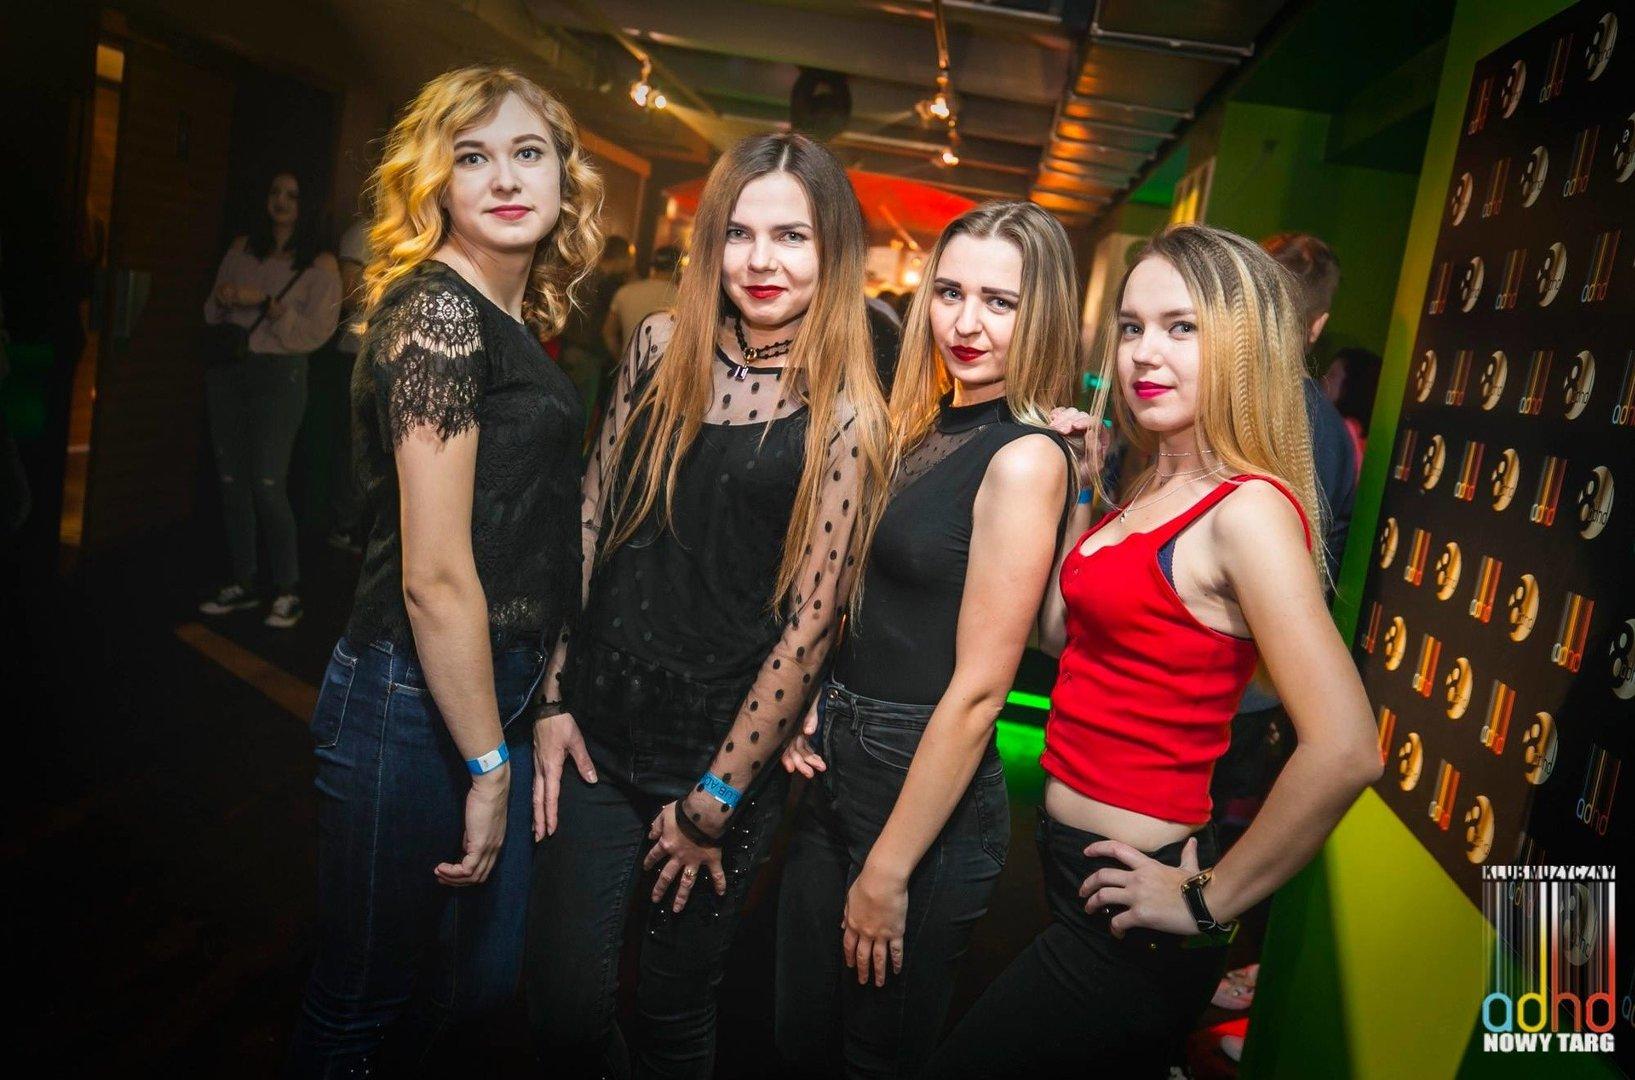 Randki z kobietami i dziewczynami w Bdzinie theinvestor.club